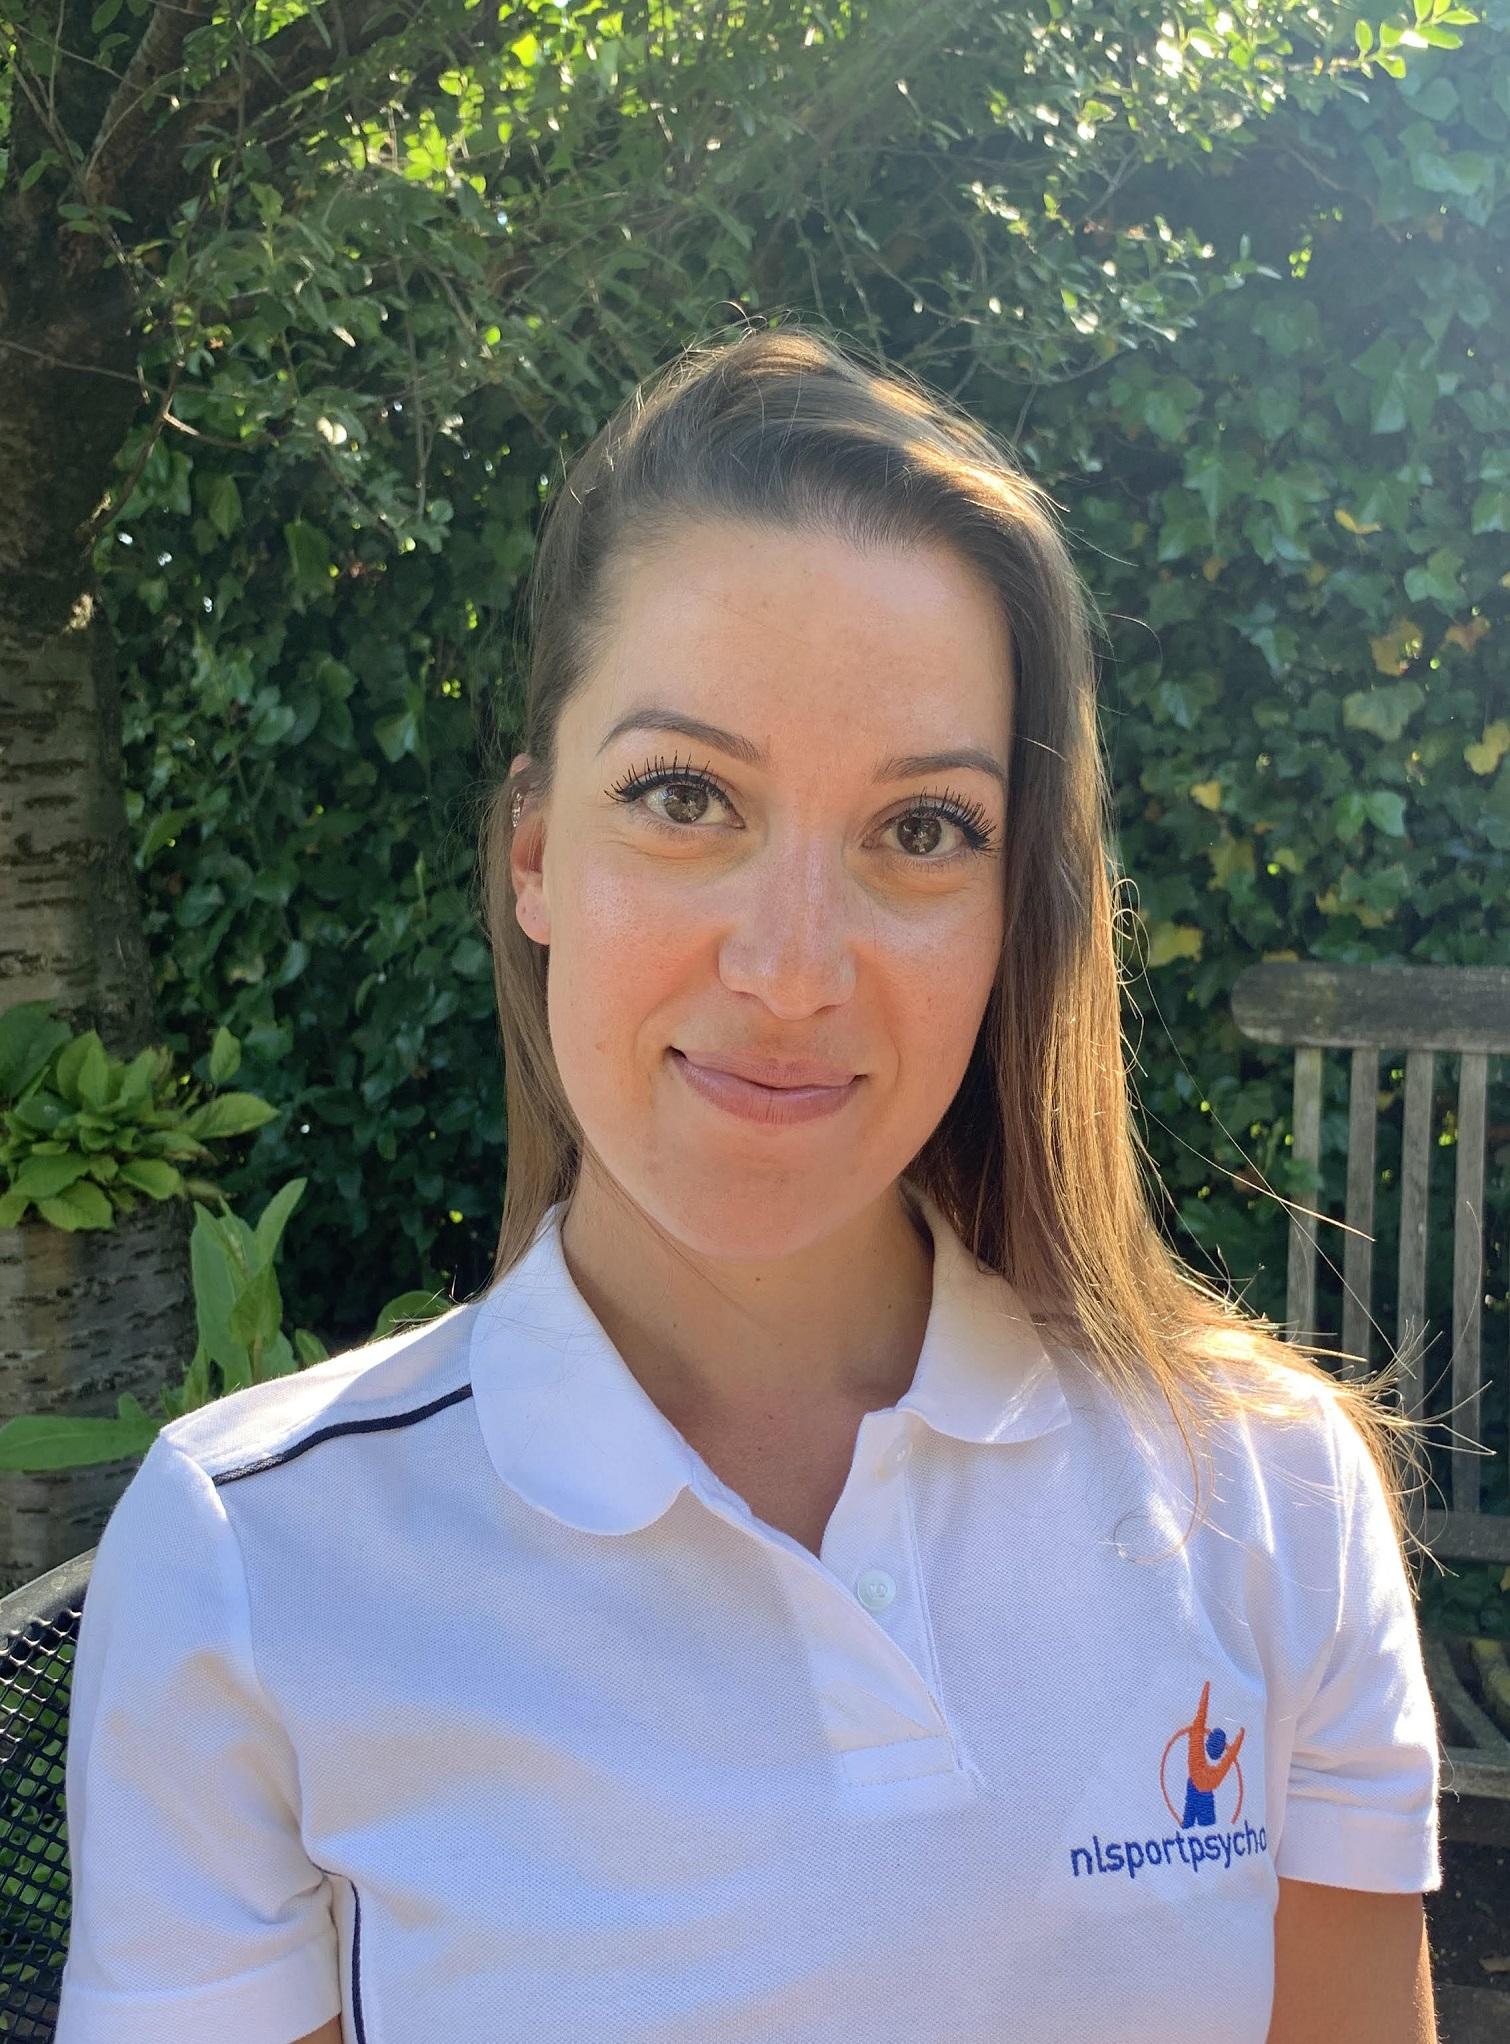 NL sportpsycholoog Doris Zandvliet - Rotterdam